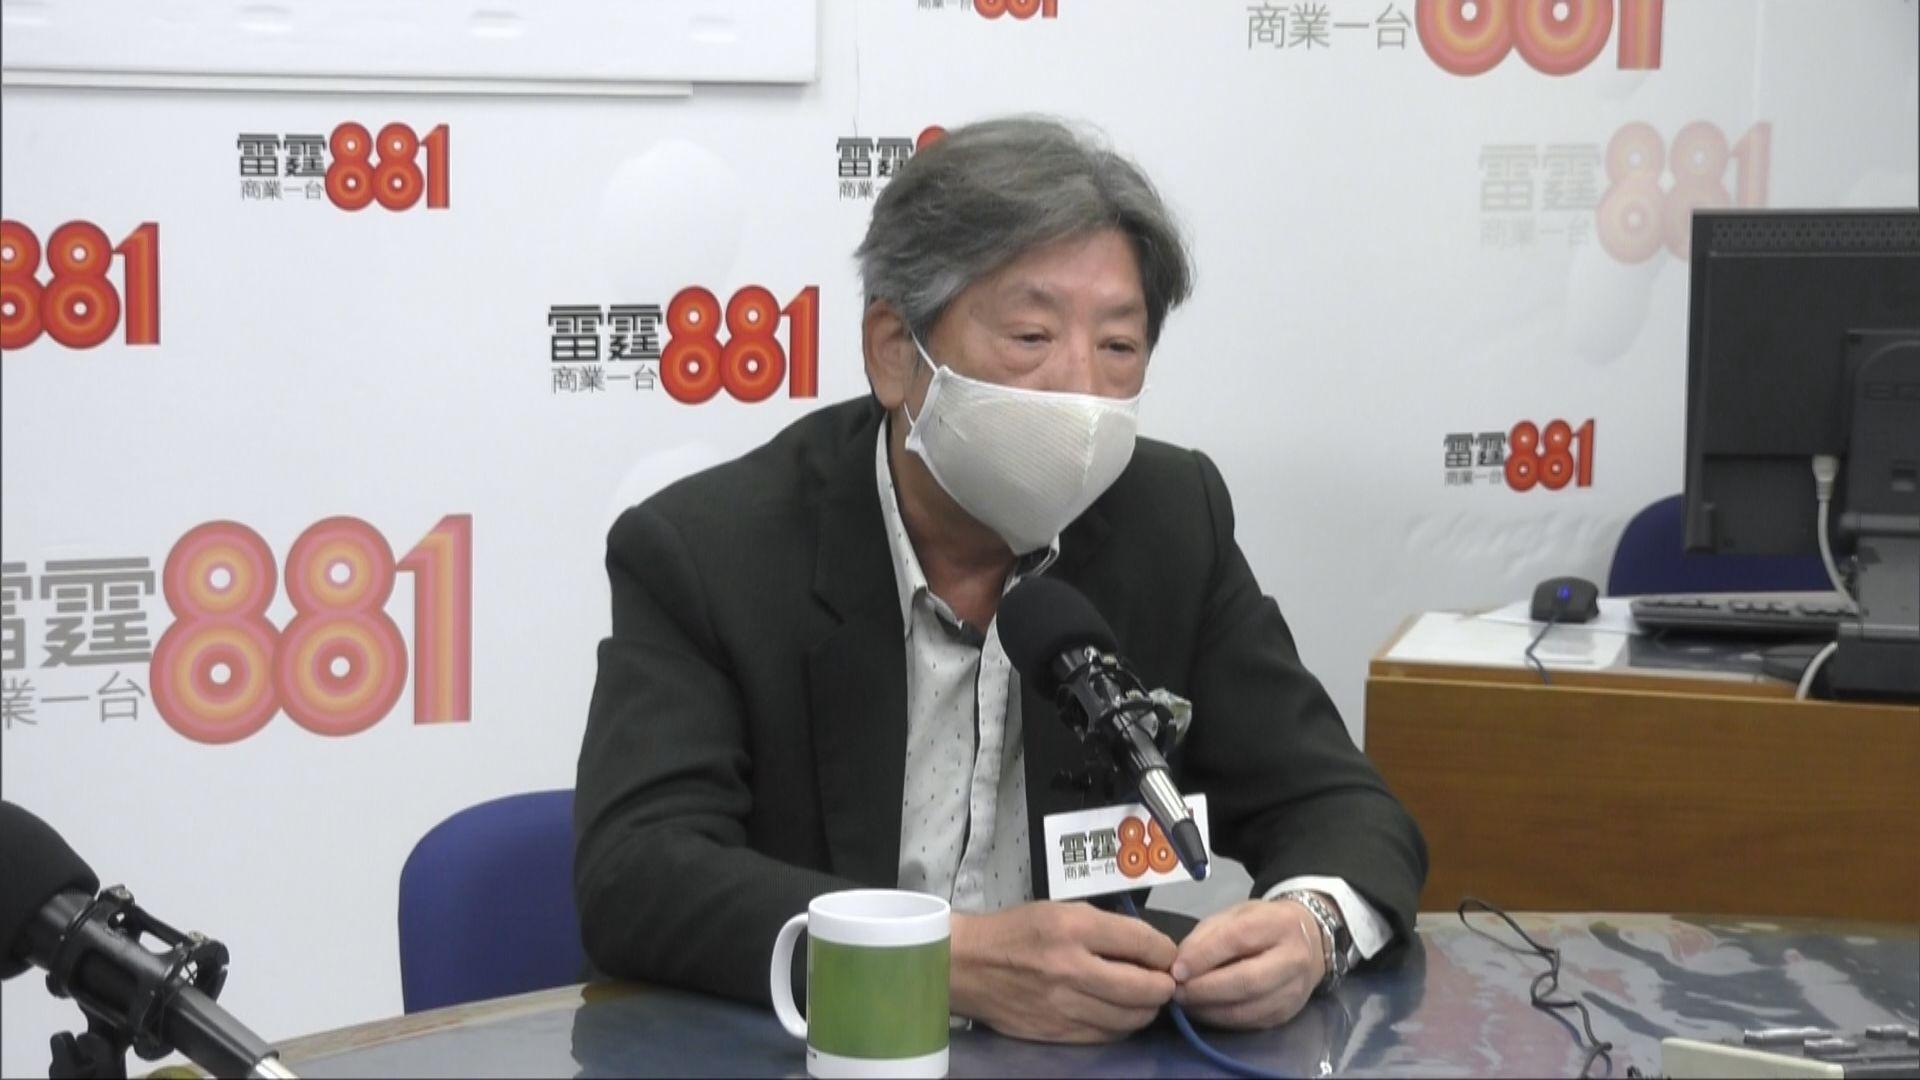 湯家驊:叫官員下台及呼籲制裁香港未必觸犯國安法